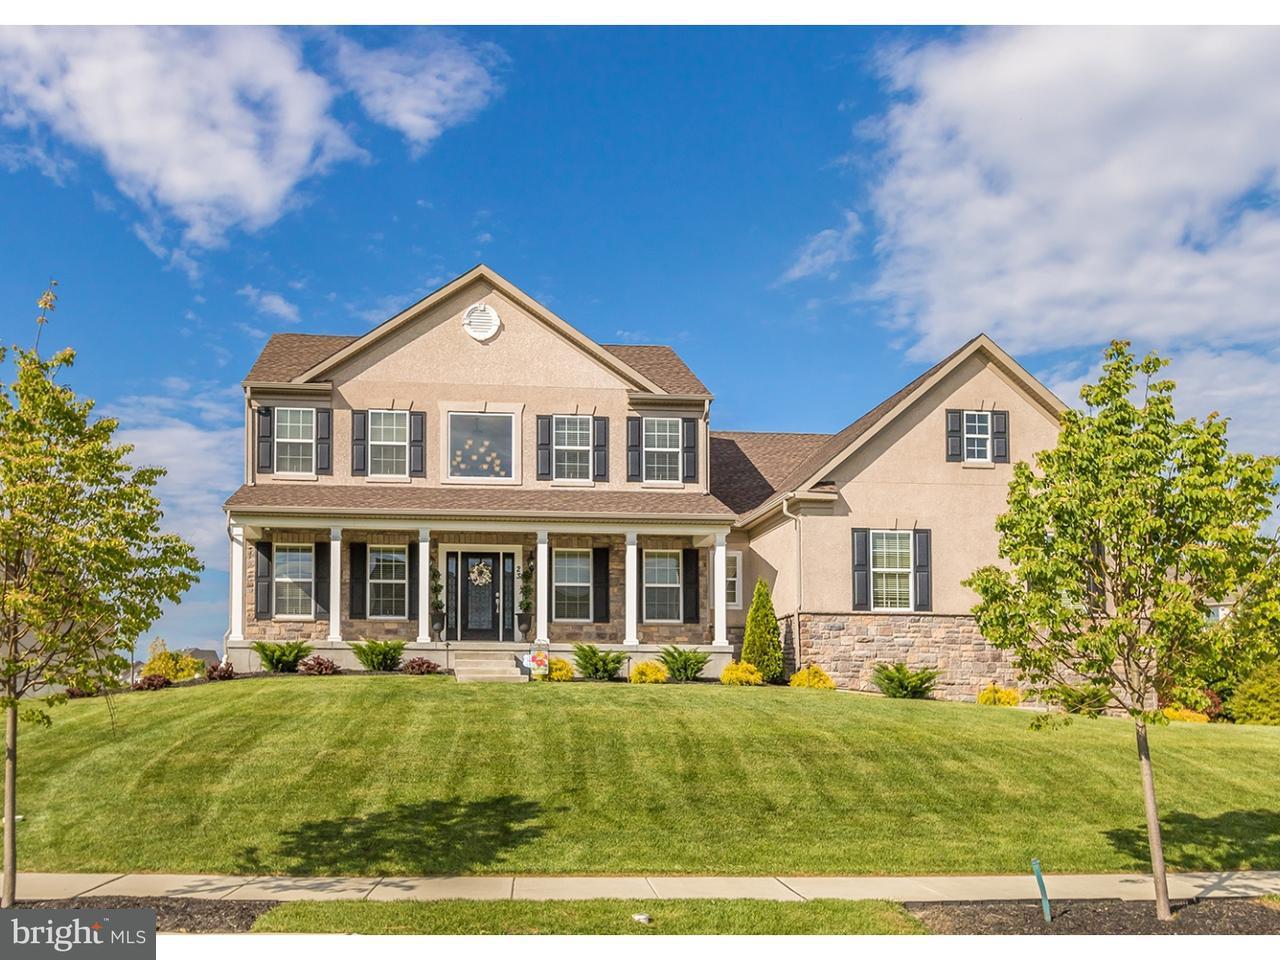 Casa Unifamiliar por un Venta en 23 WELLESLEY WAY Marlton, Nueva Jersey 08053 Estados Unidos